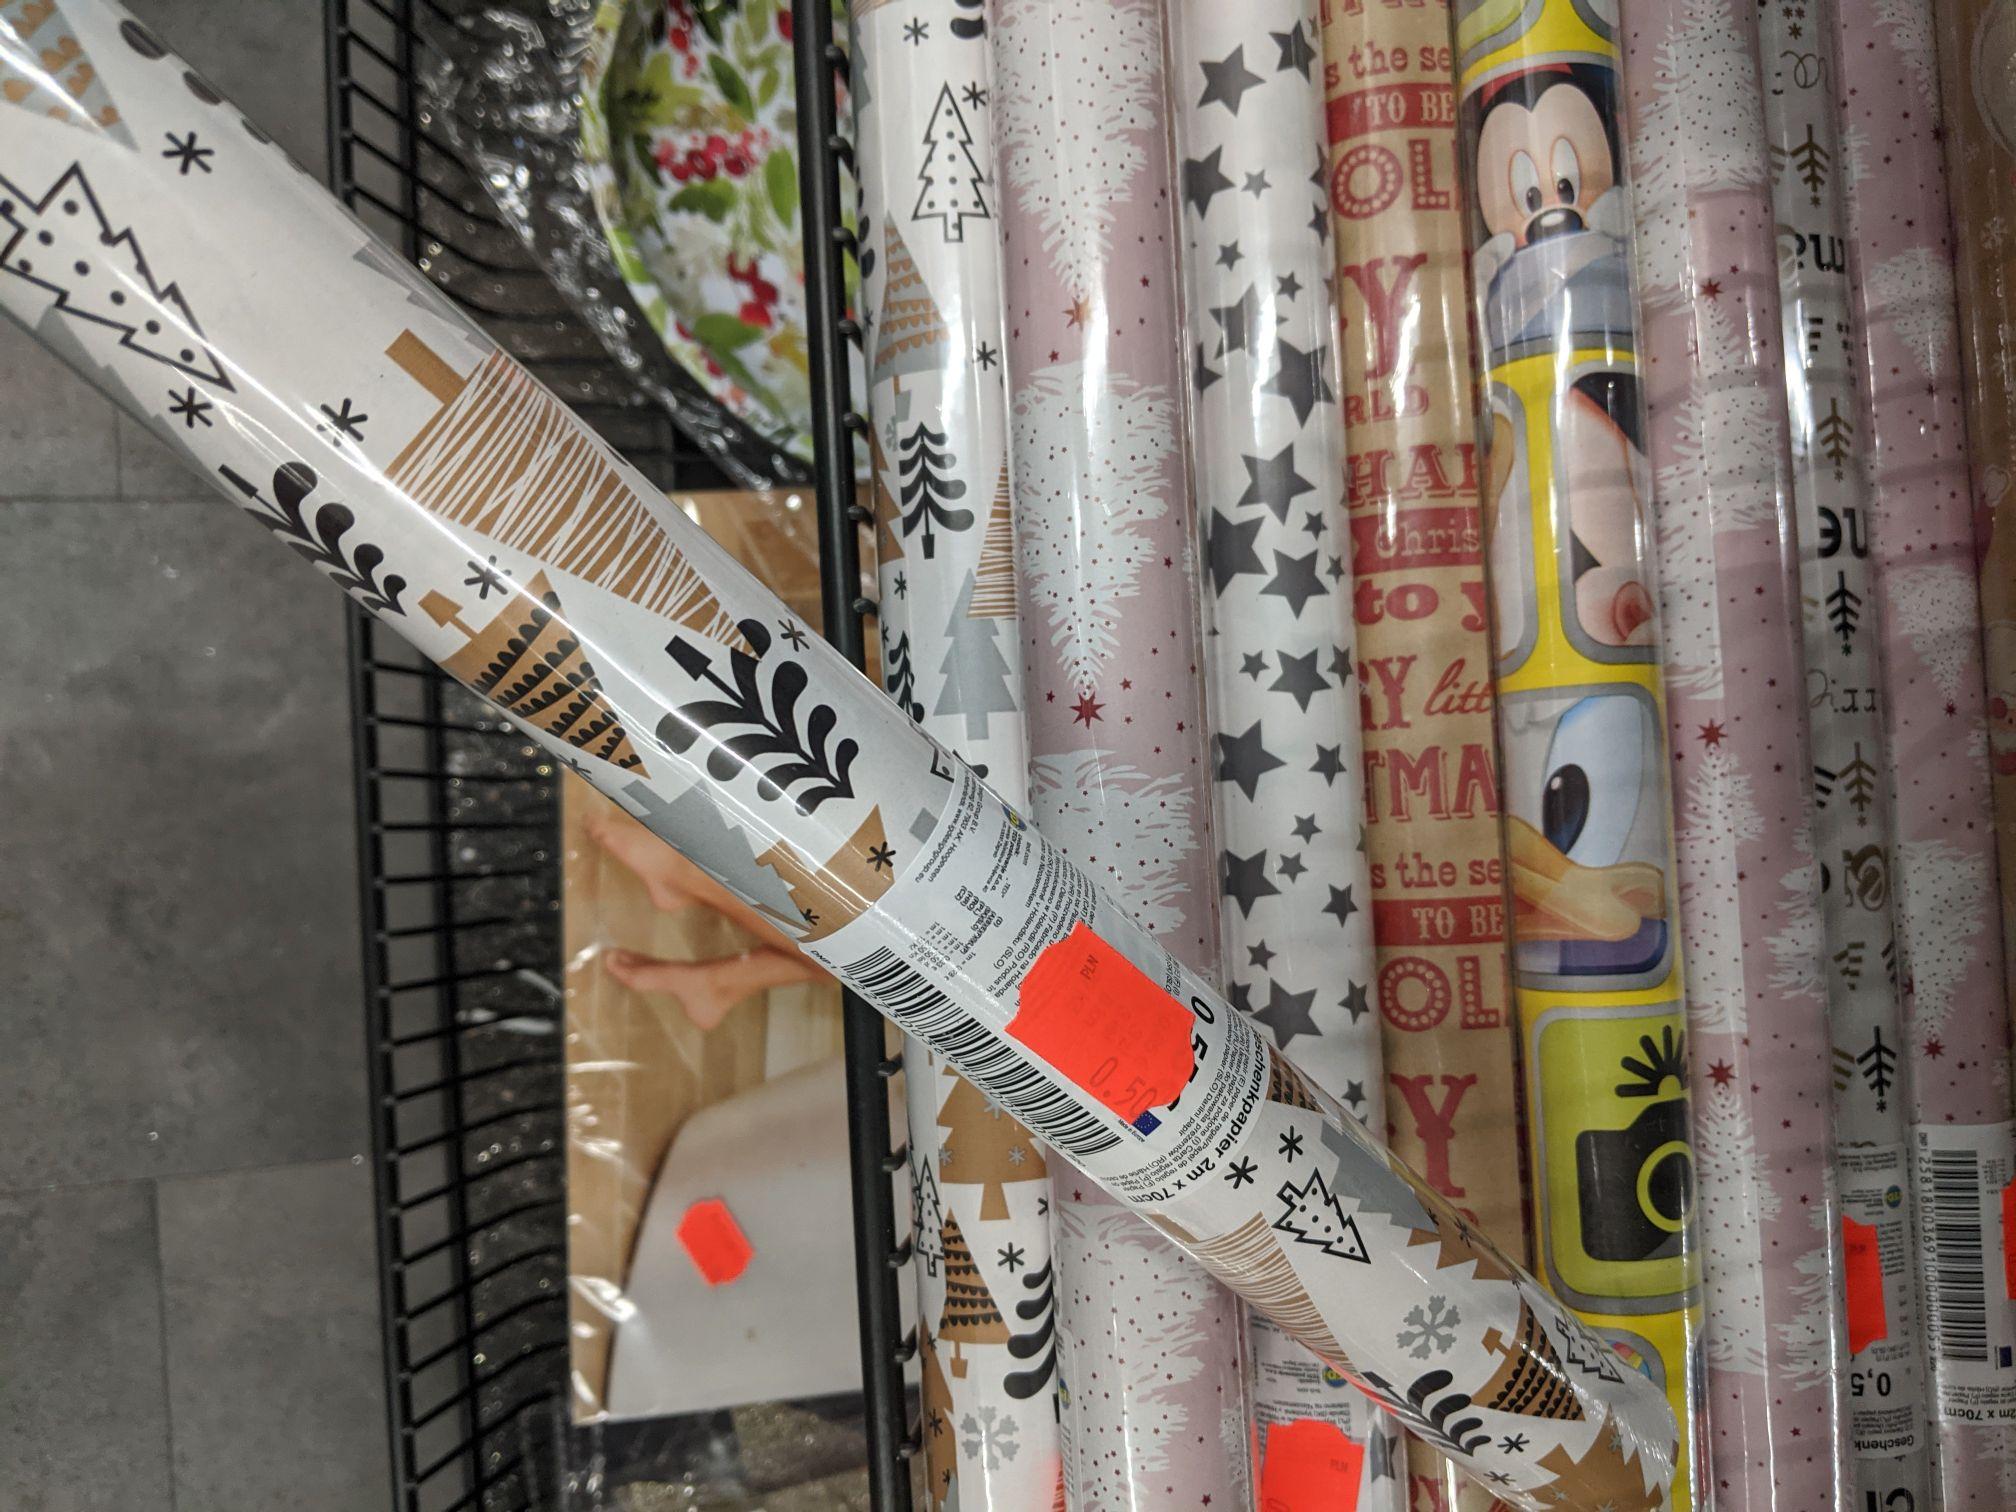 Papier ozdobny do pakowania prezentów 2m x 0.7m oraz torebki do prezentów. Tedi Dąbrowa Górnicza Mydlice